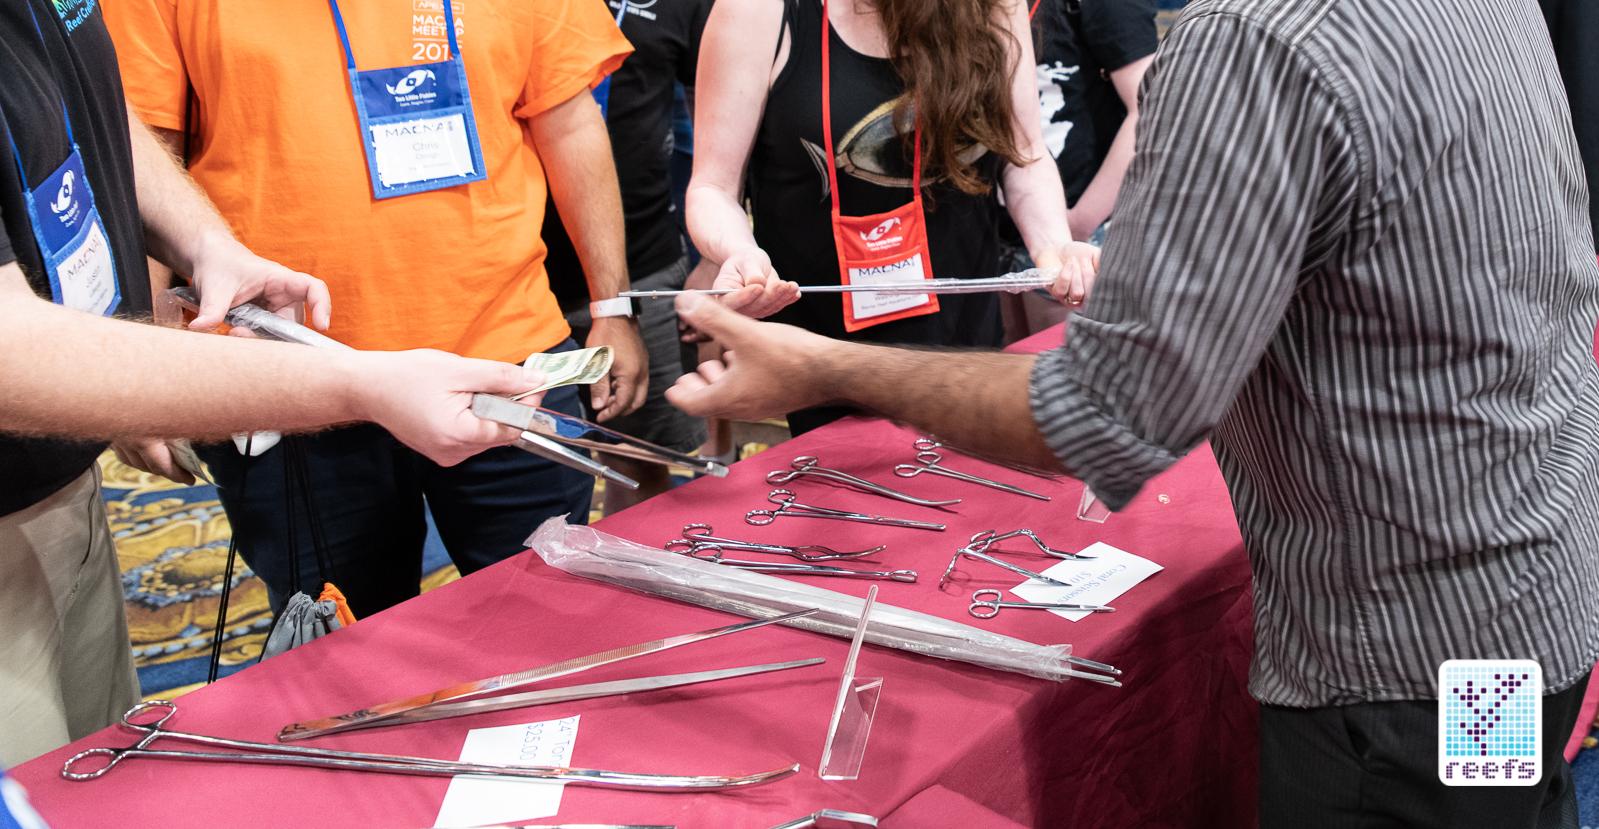 tamsco tools